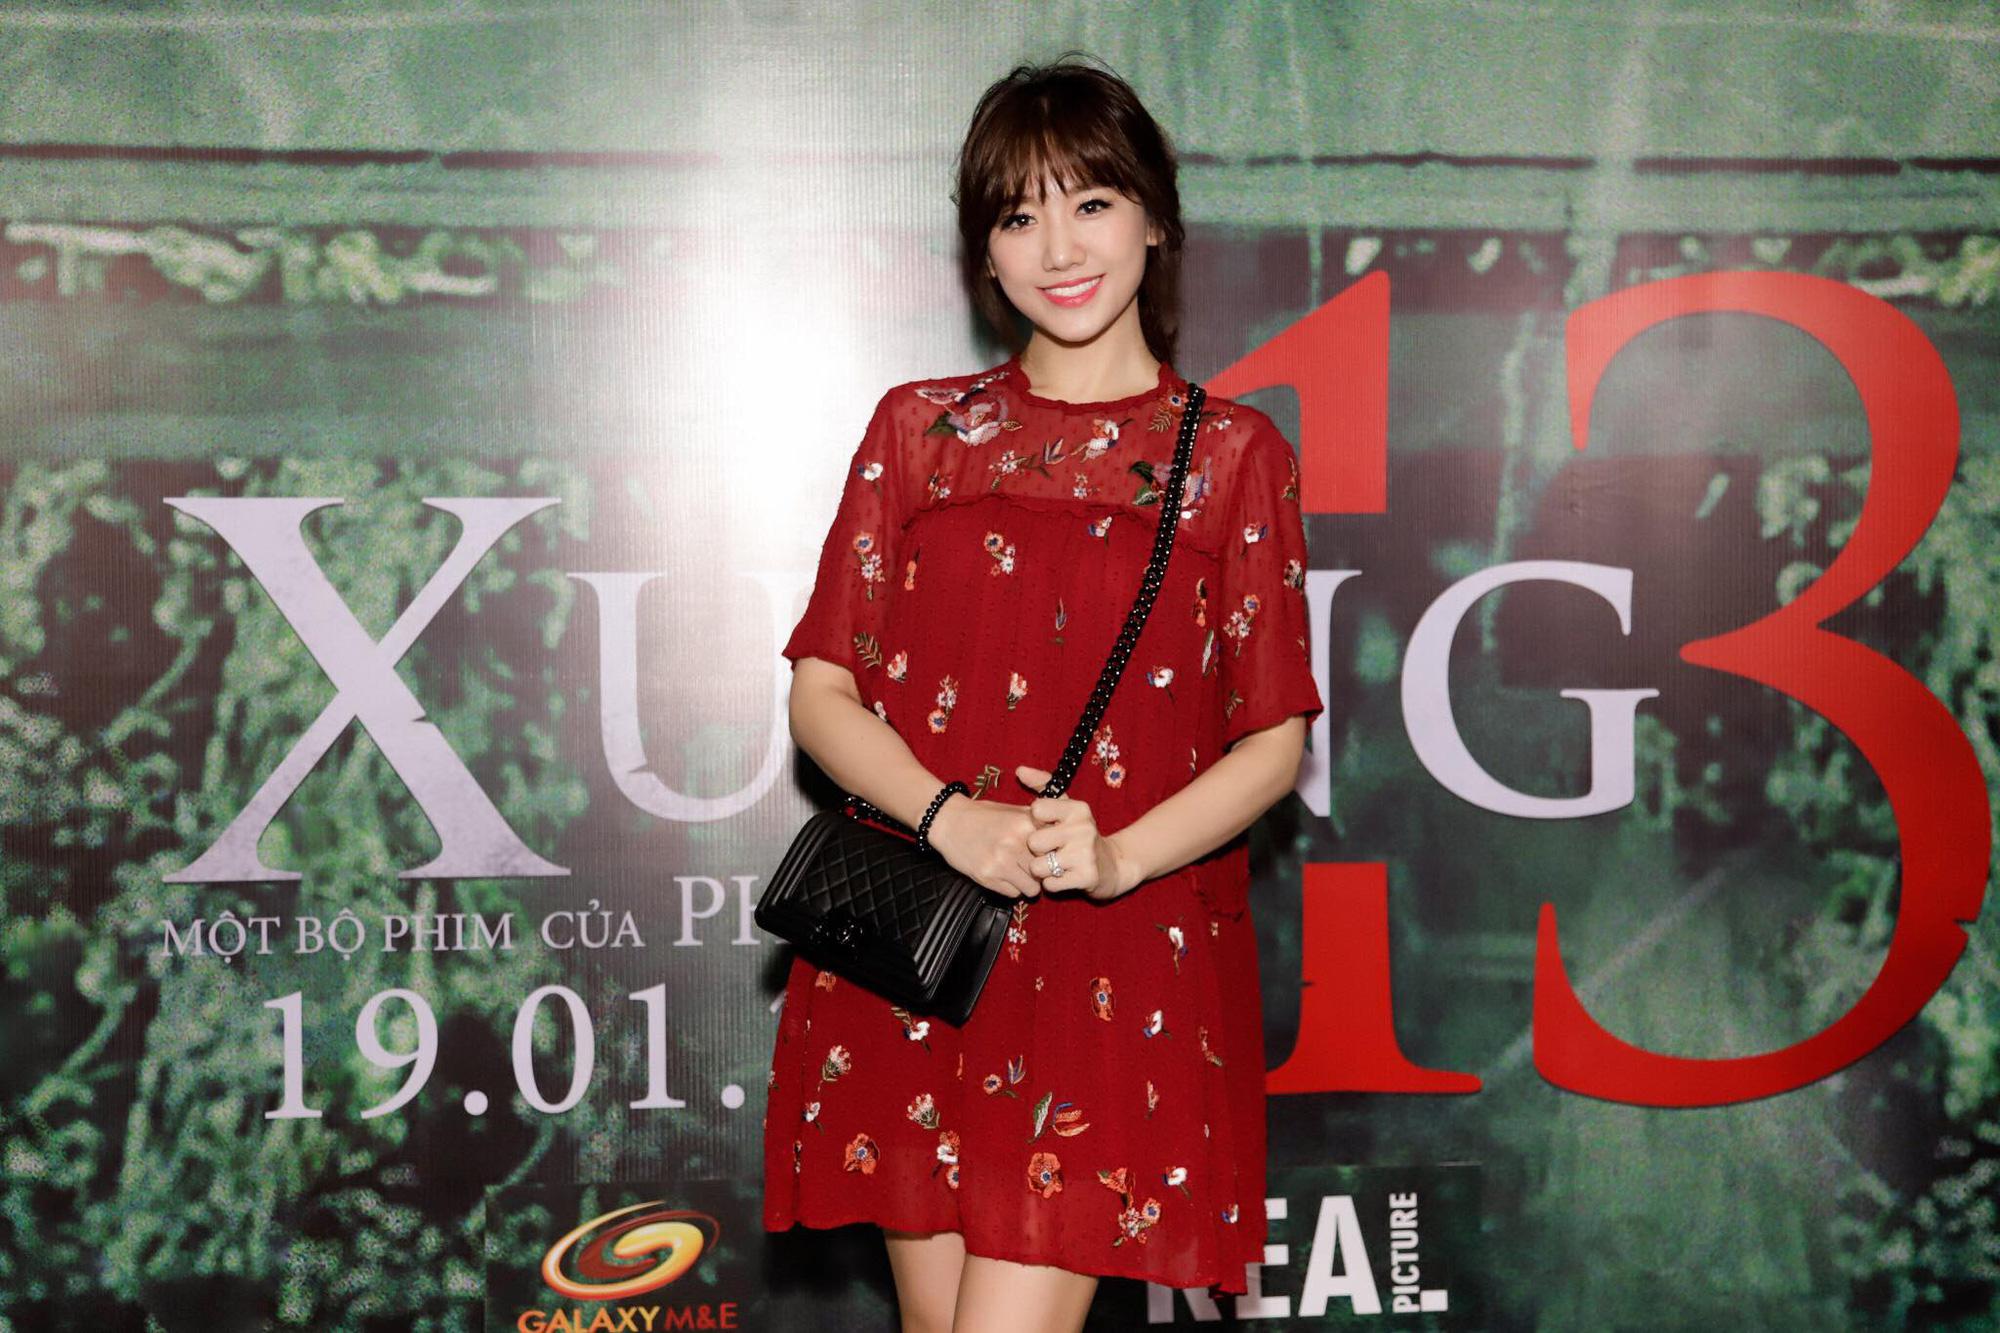 Không phải váy áo ôm sát, mà chính kiểu dáng này lại khiến Hari Won như bầu bí mấy tháng, các chị em cũng nên nhìn mà tránh - Ảnh 2.